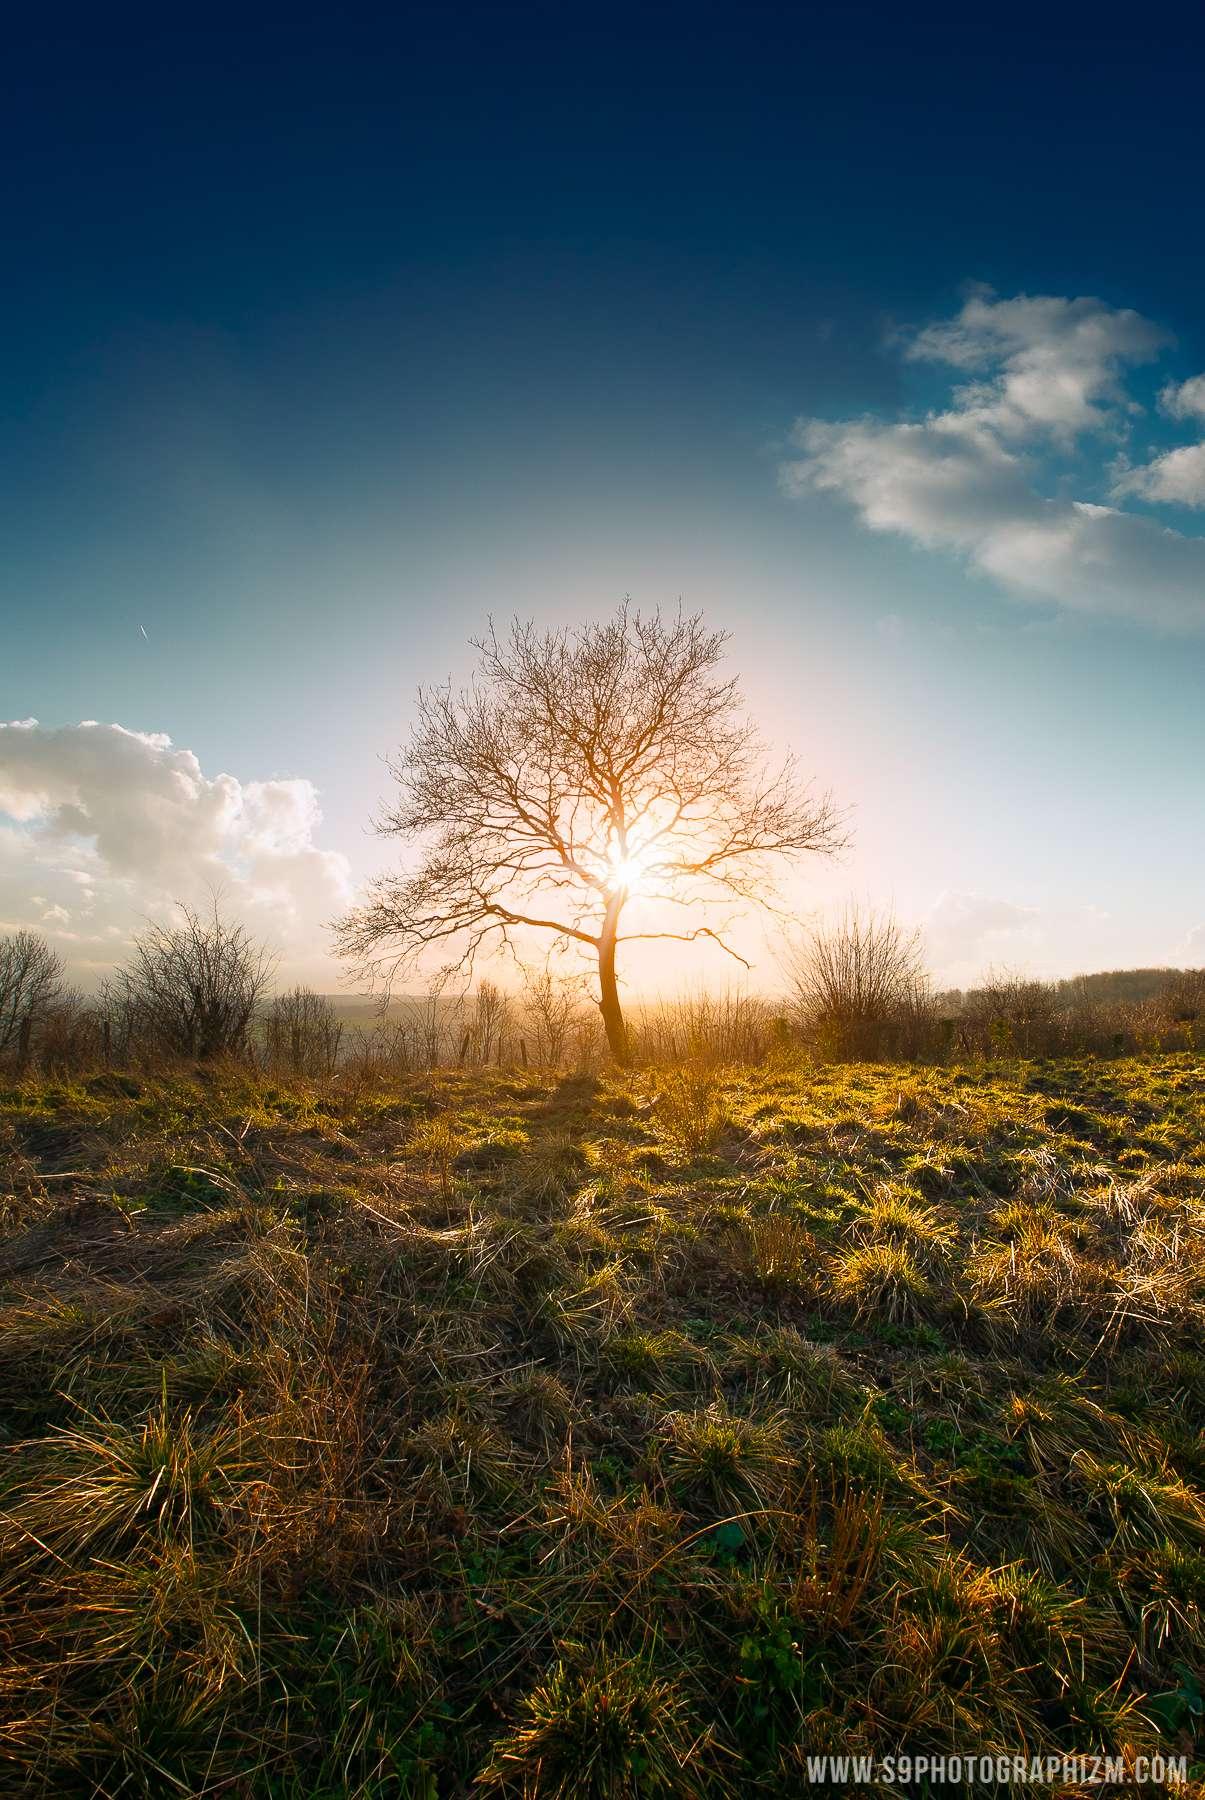 s9 photographizm photographe professionnelle de paysages nature et urbain basée à Lille région hauts de france.